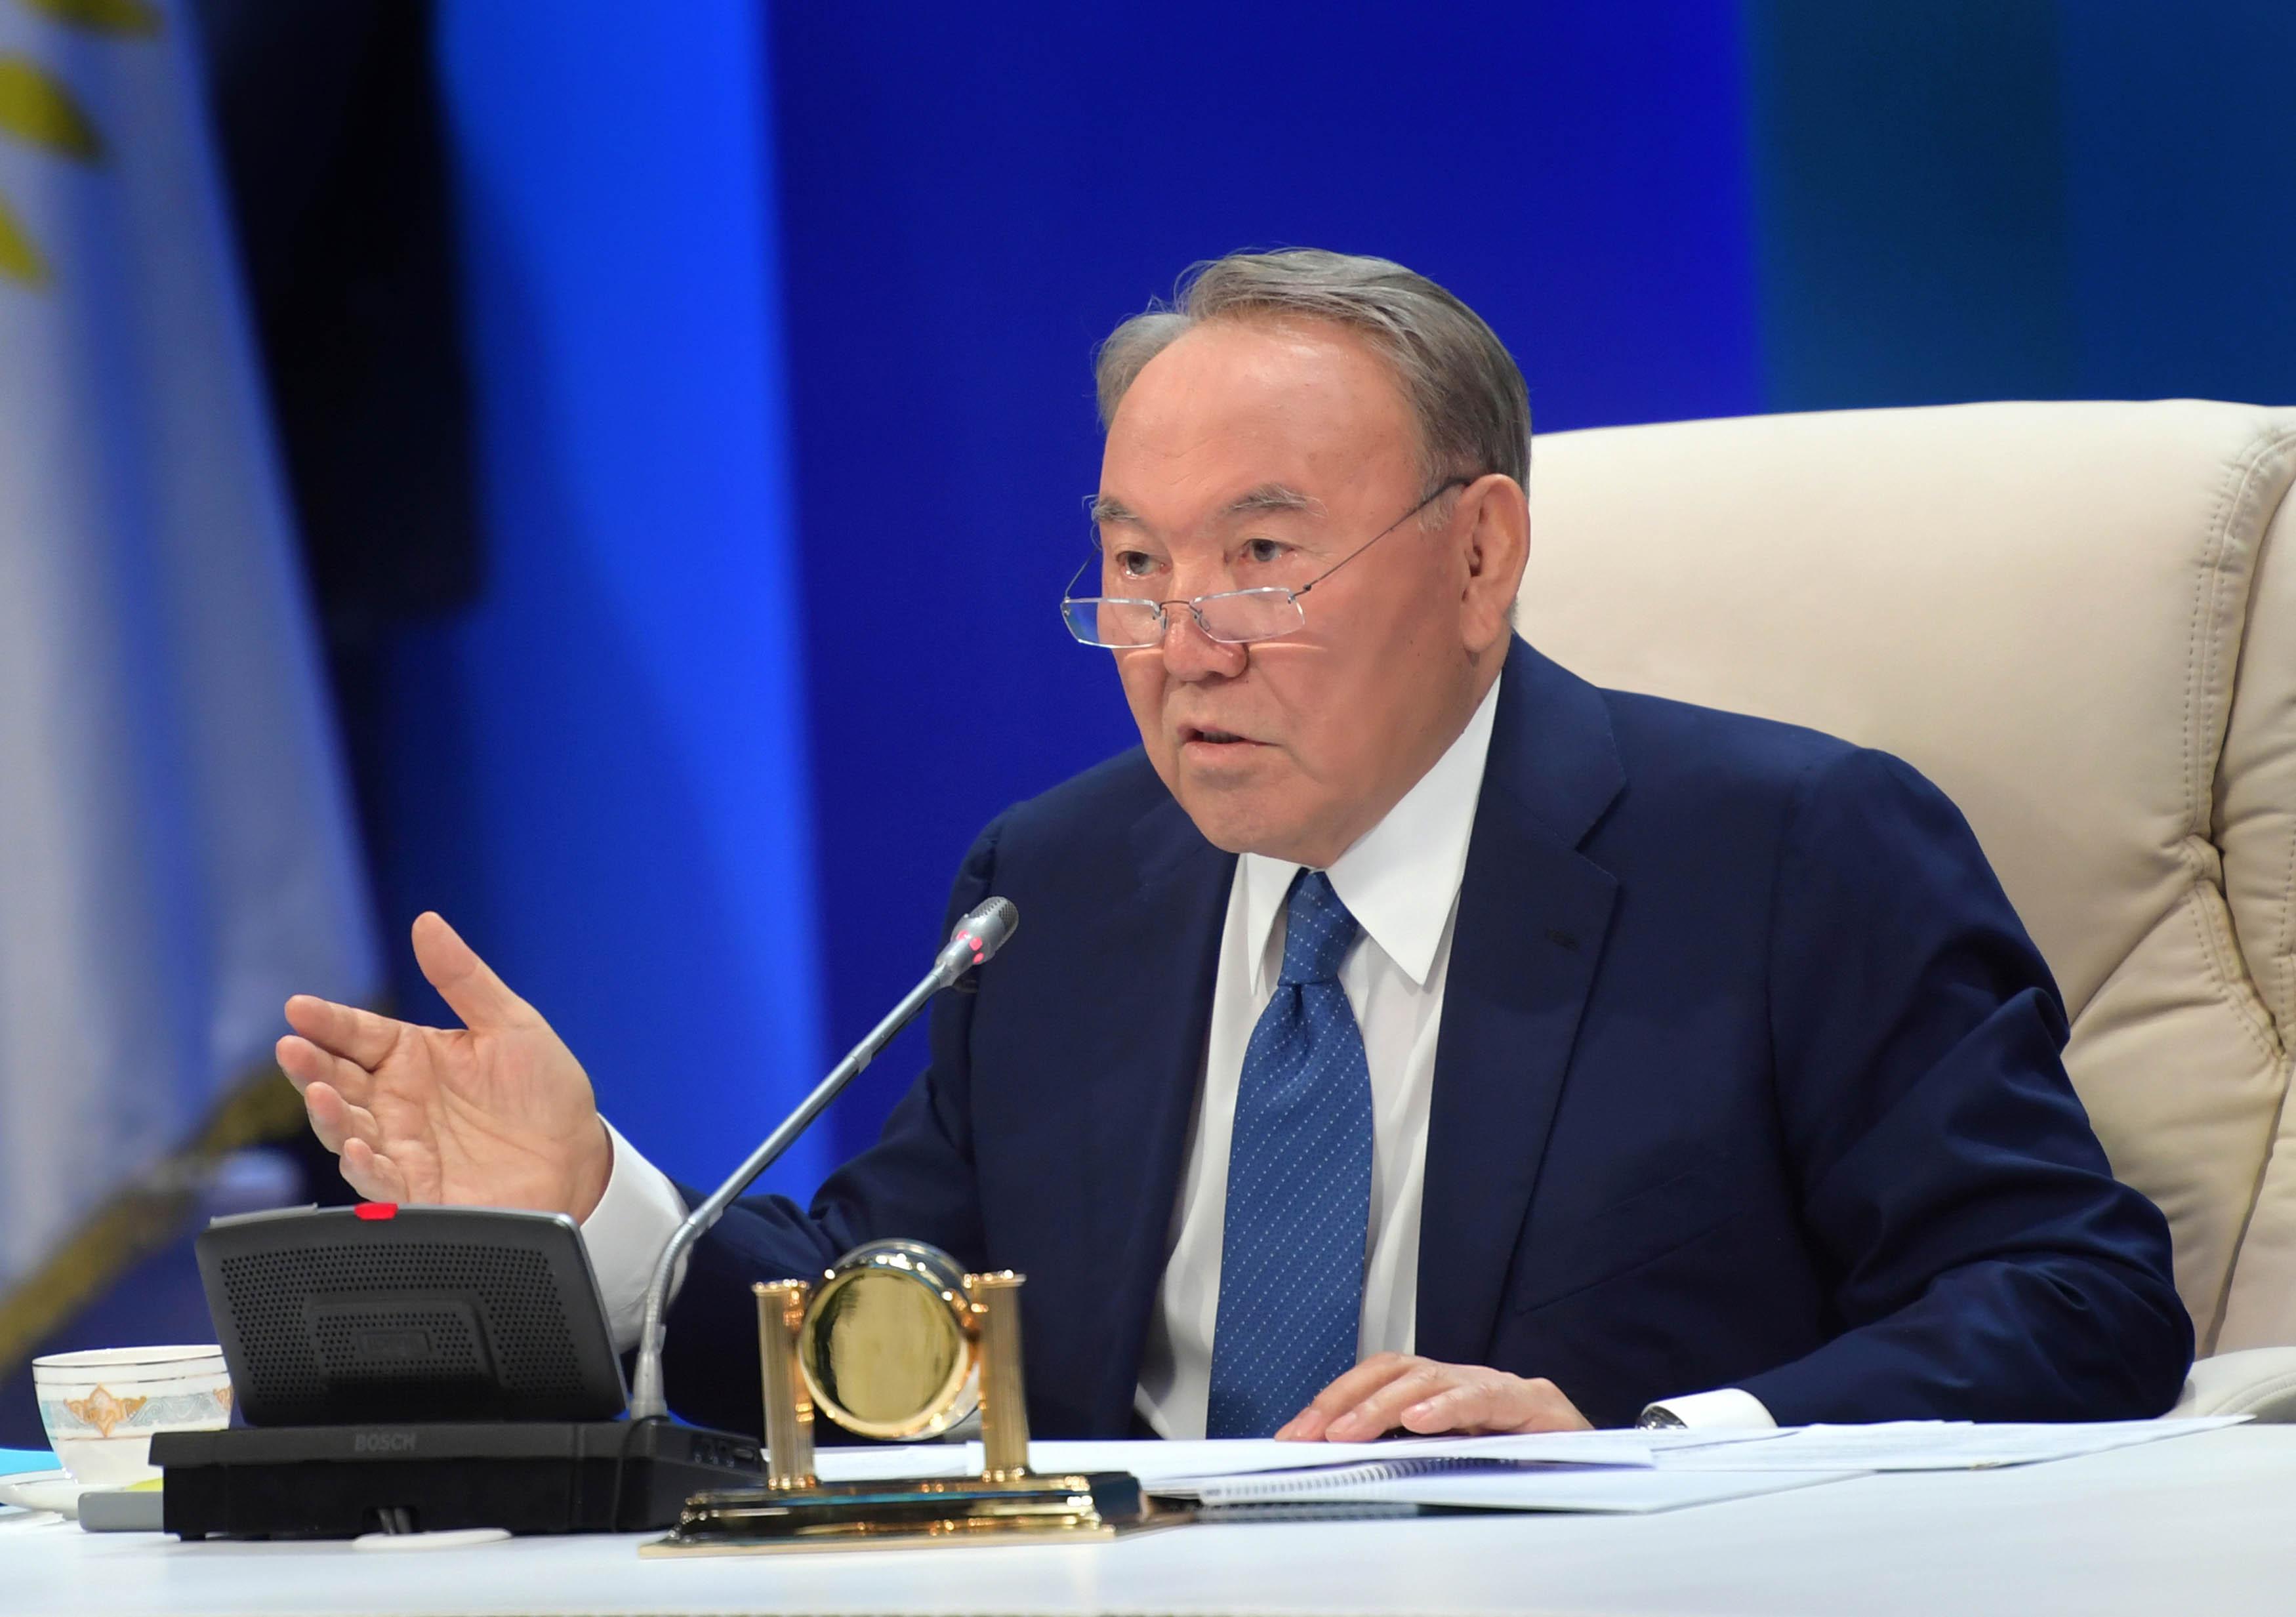 Нұрсұлтан Назарбаев президенттік өкілеттігін тоқтатты